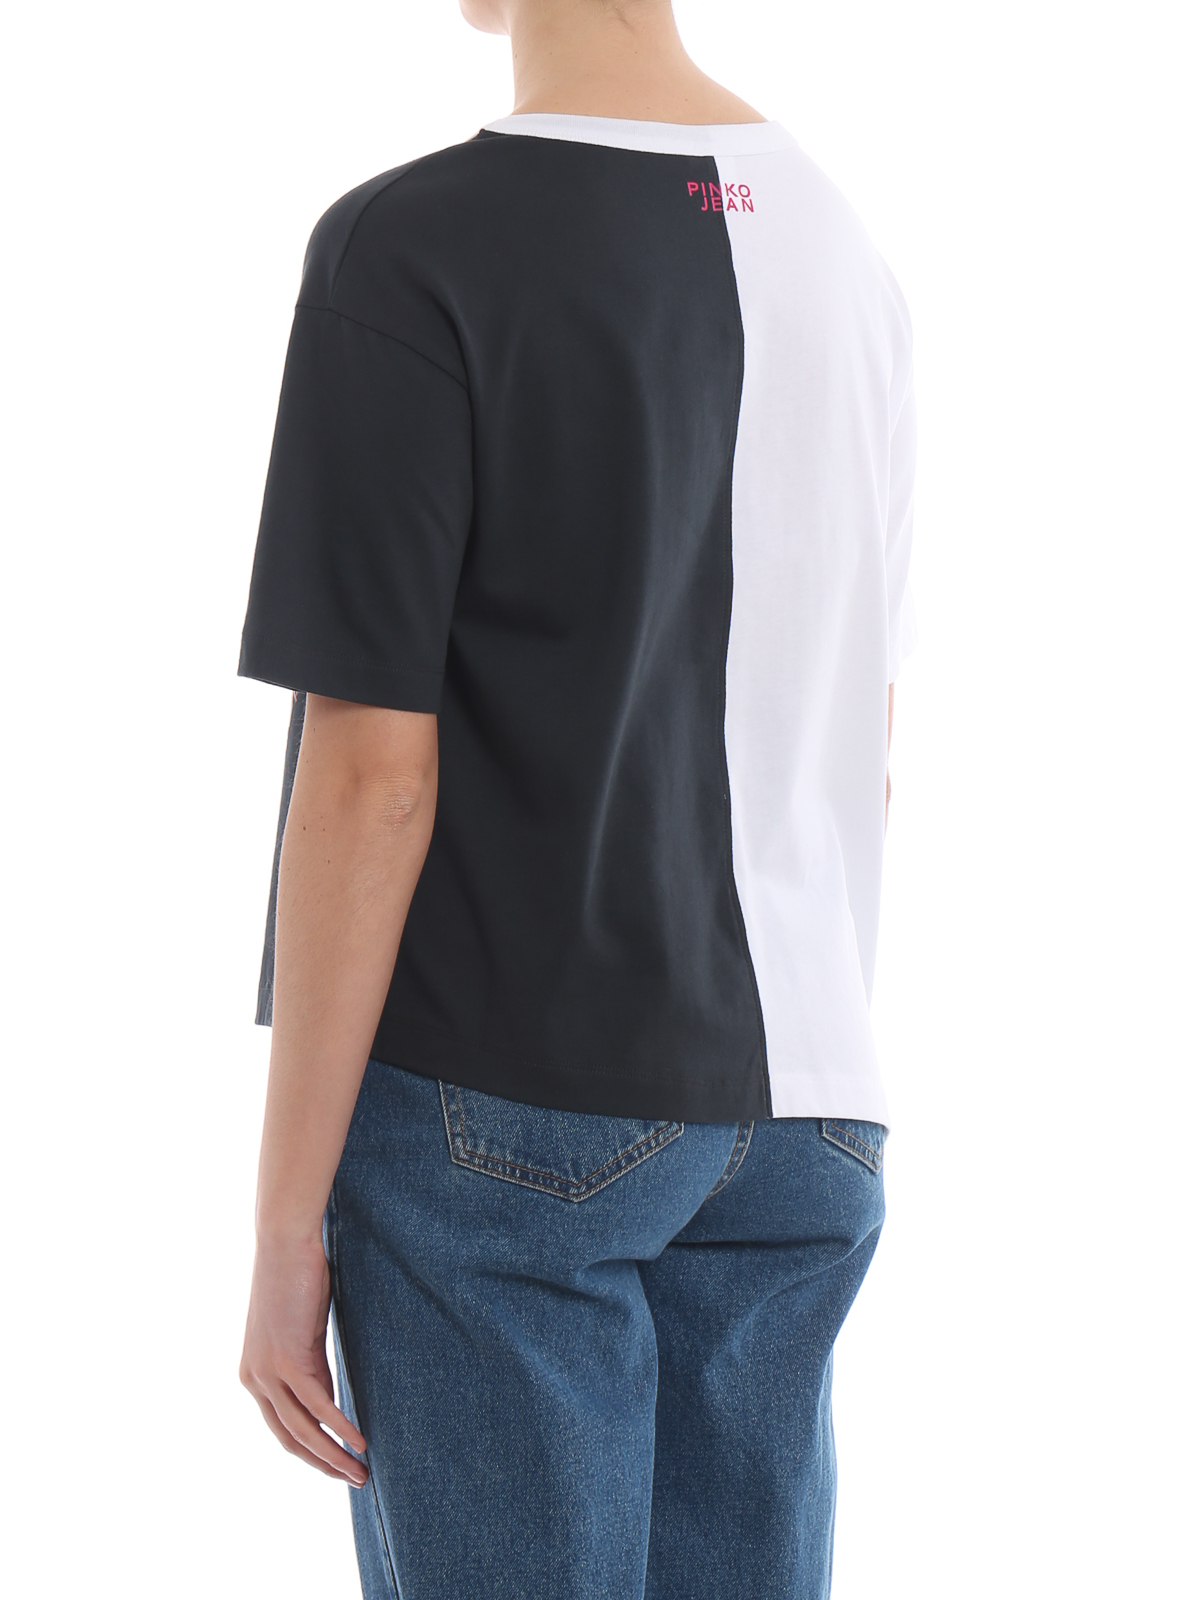 Pinko T Jean Esobiologia 1x10dey5cyzz1 Shirt Shirts BdorxeCQW